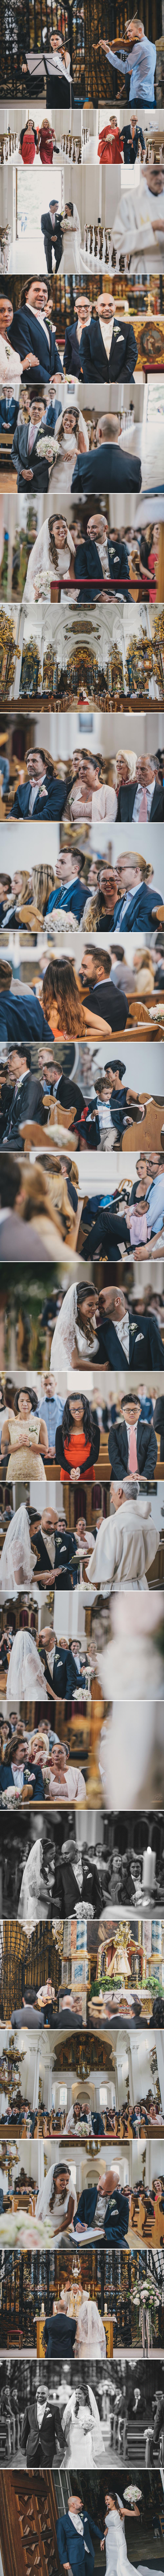 HochzeitsFoto_Zurich_4